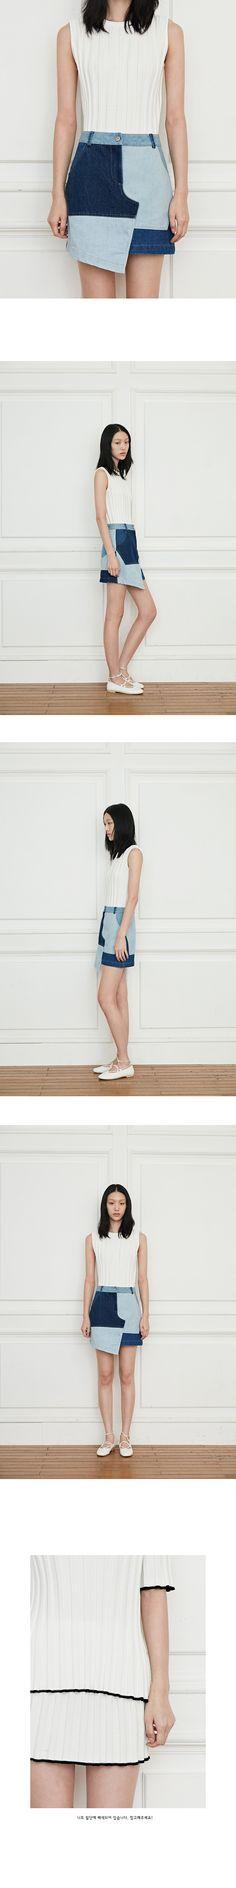 74a464be1d 95 Best denim images | Denim fashion, Denim jeans, Denim outfits